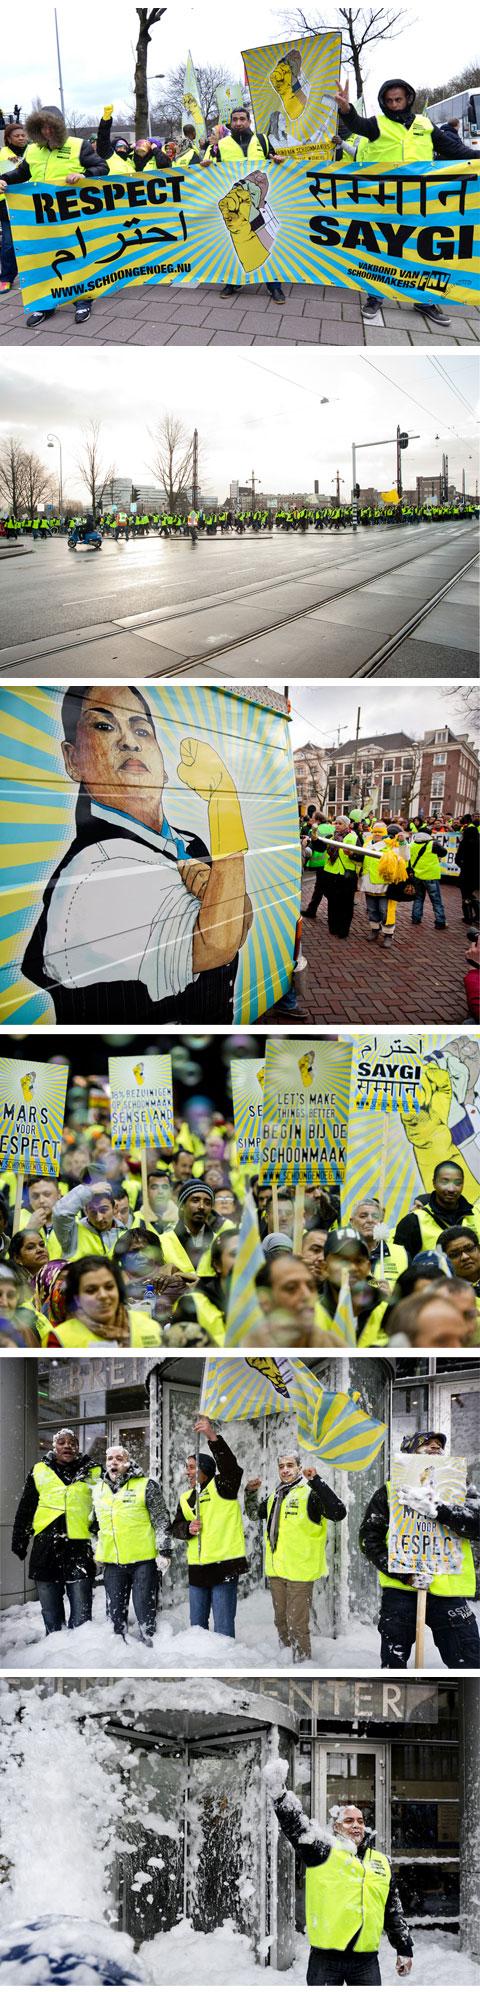 mars-voor-respect_amsterdam